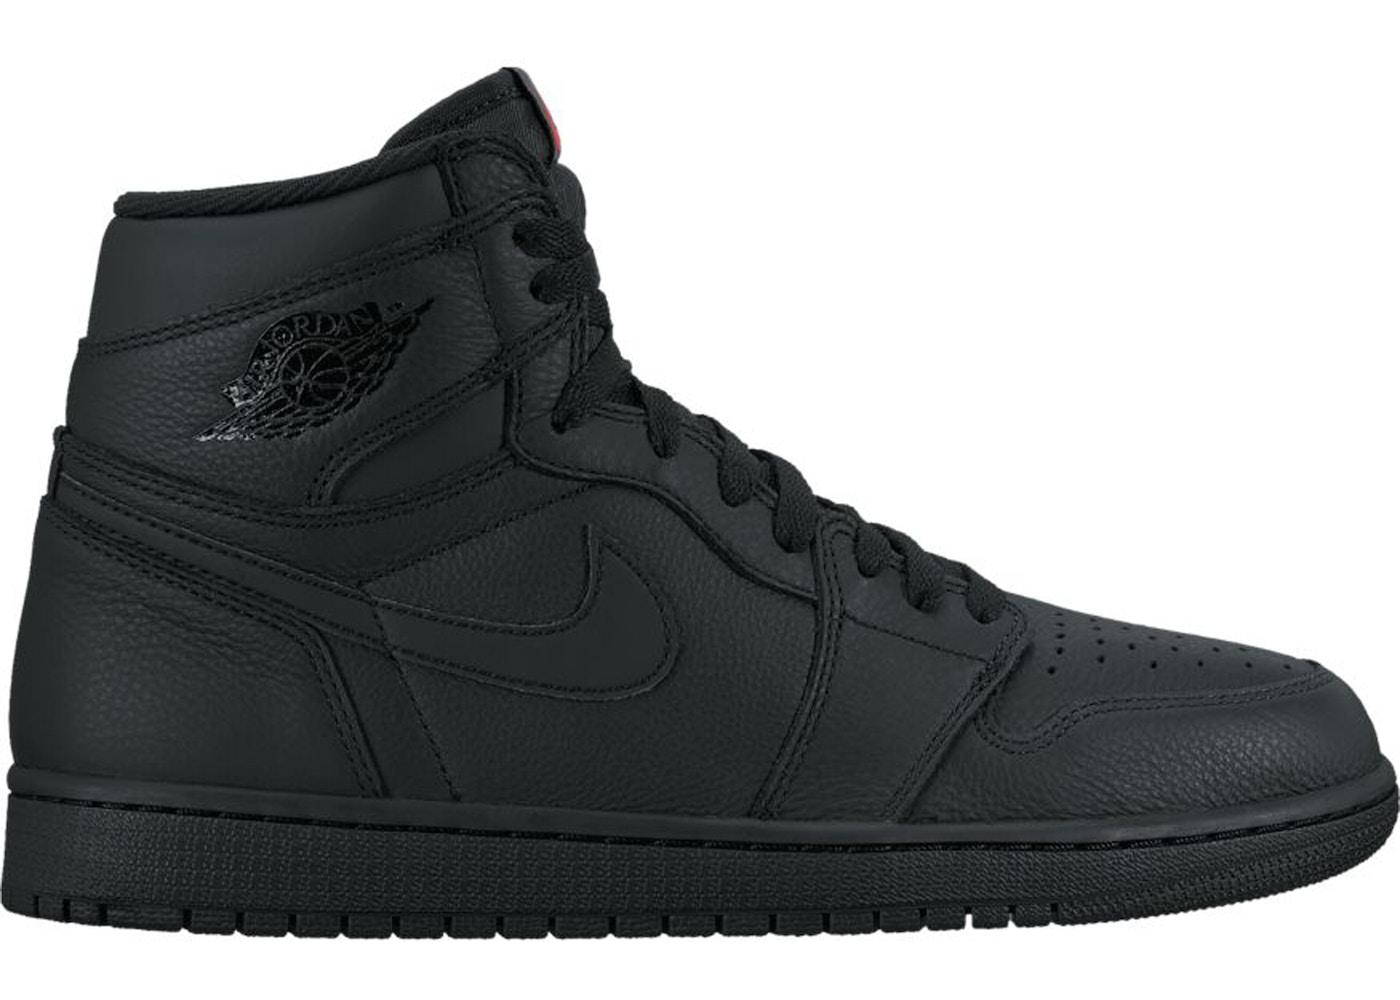 1 Retro High Jordan Og Black 76yvYgIbfm